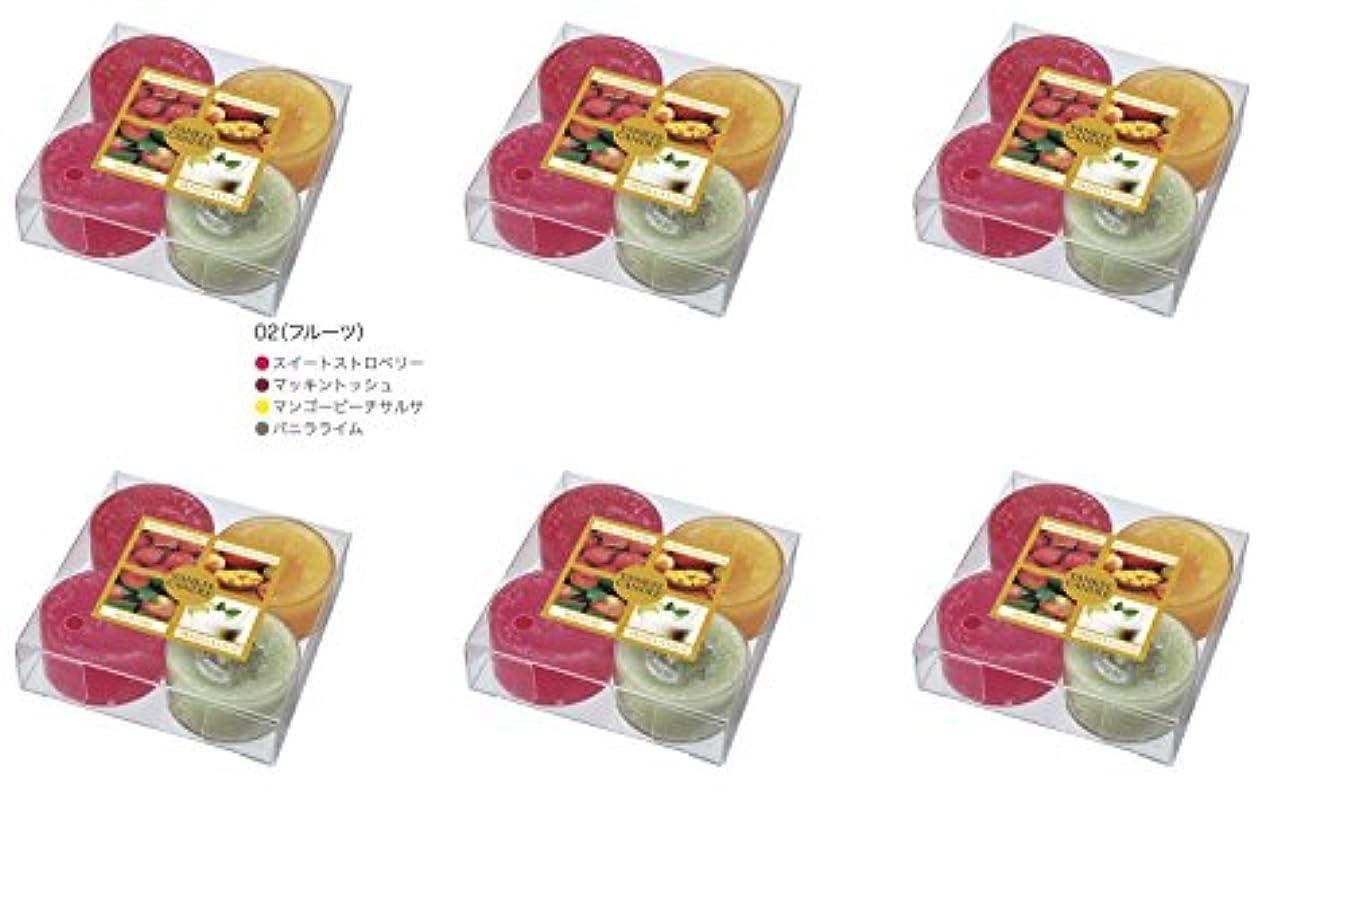 方法論コールへこみYANKEE CANDLE(ヤンキーキャンドル) ティーライトアソート フルーツ【6点セット】